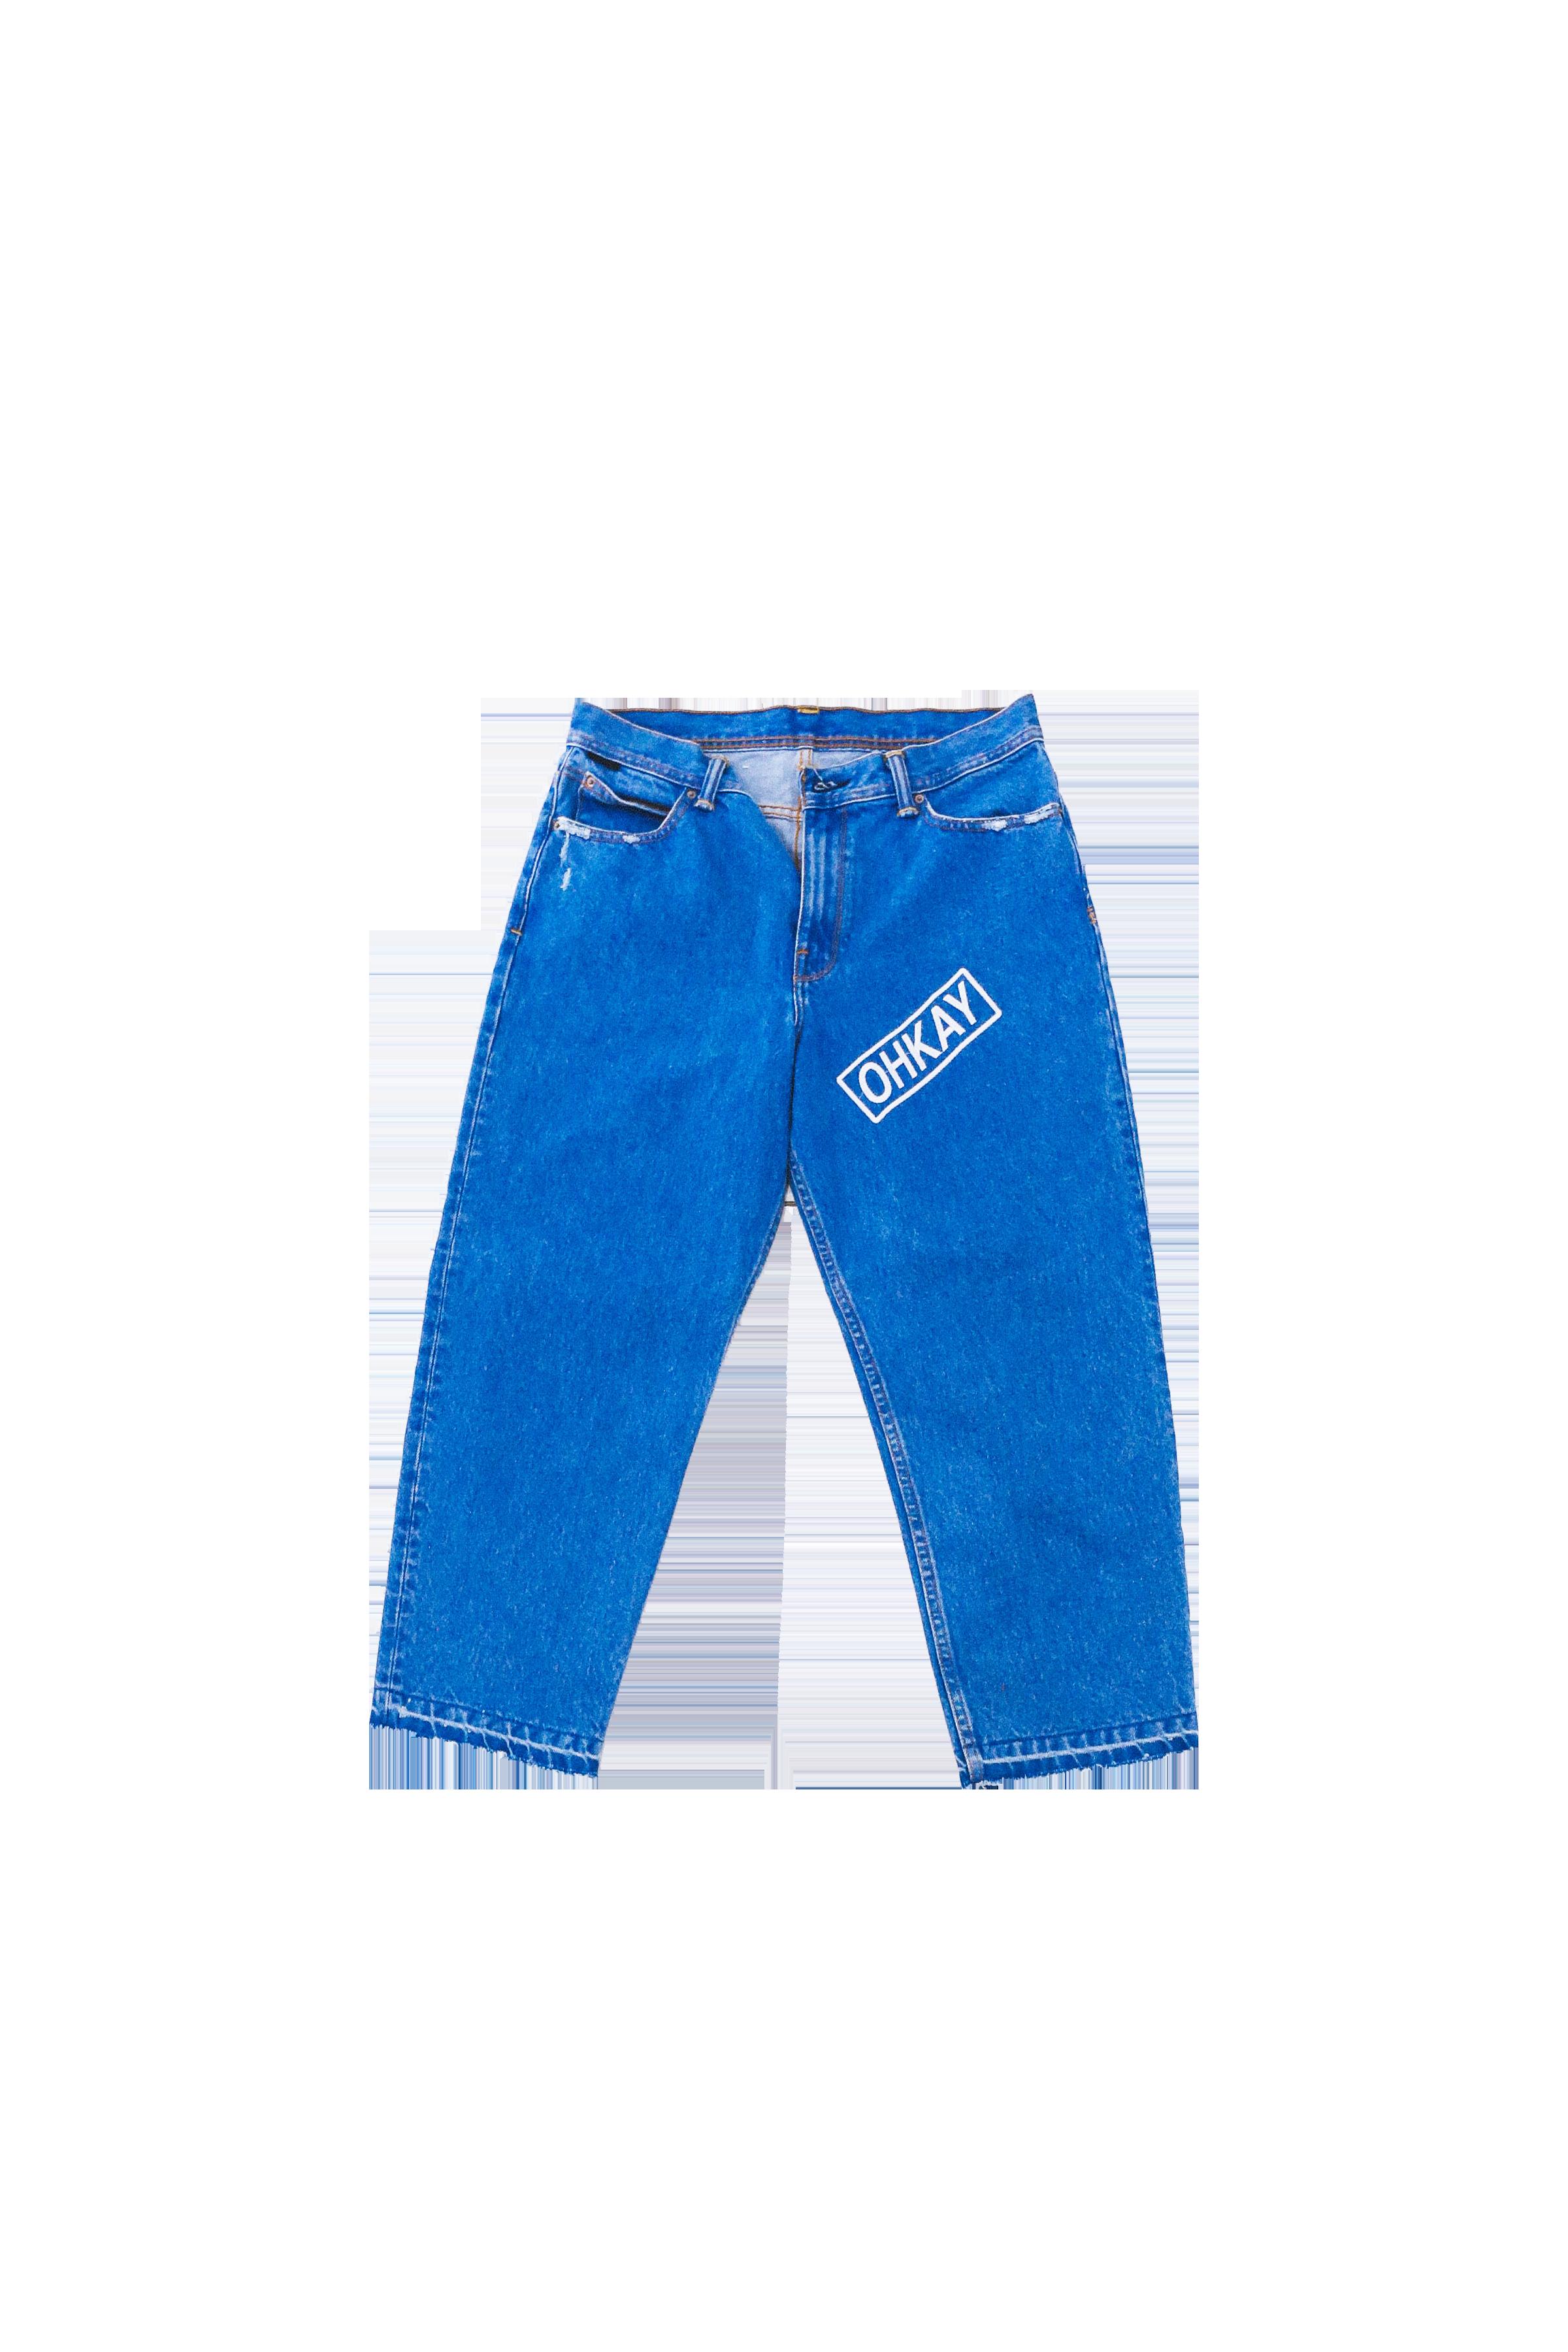 blue pants.png